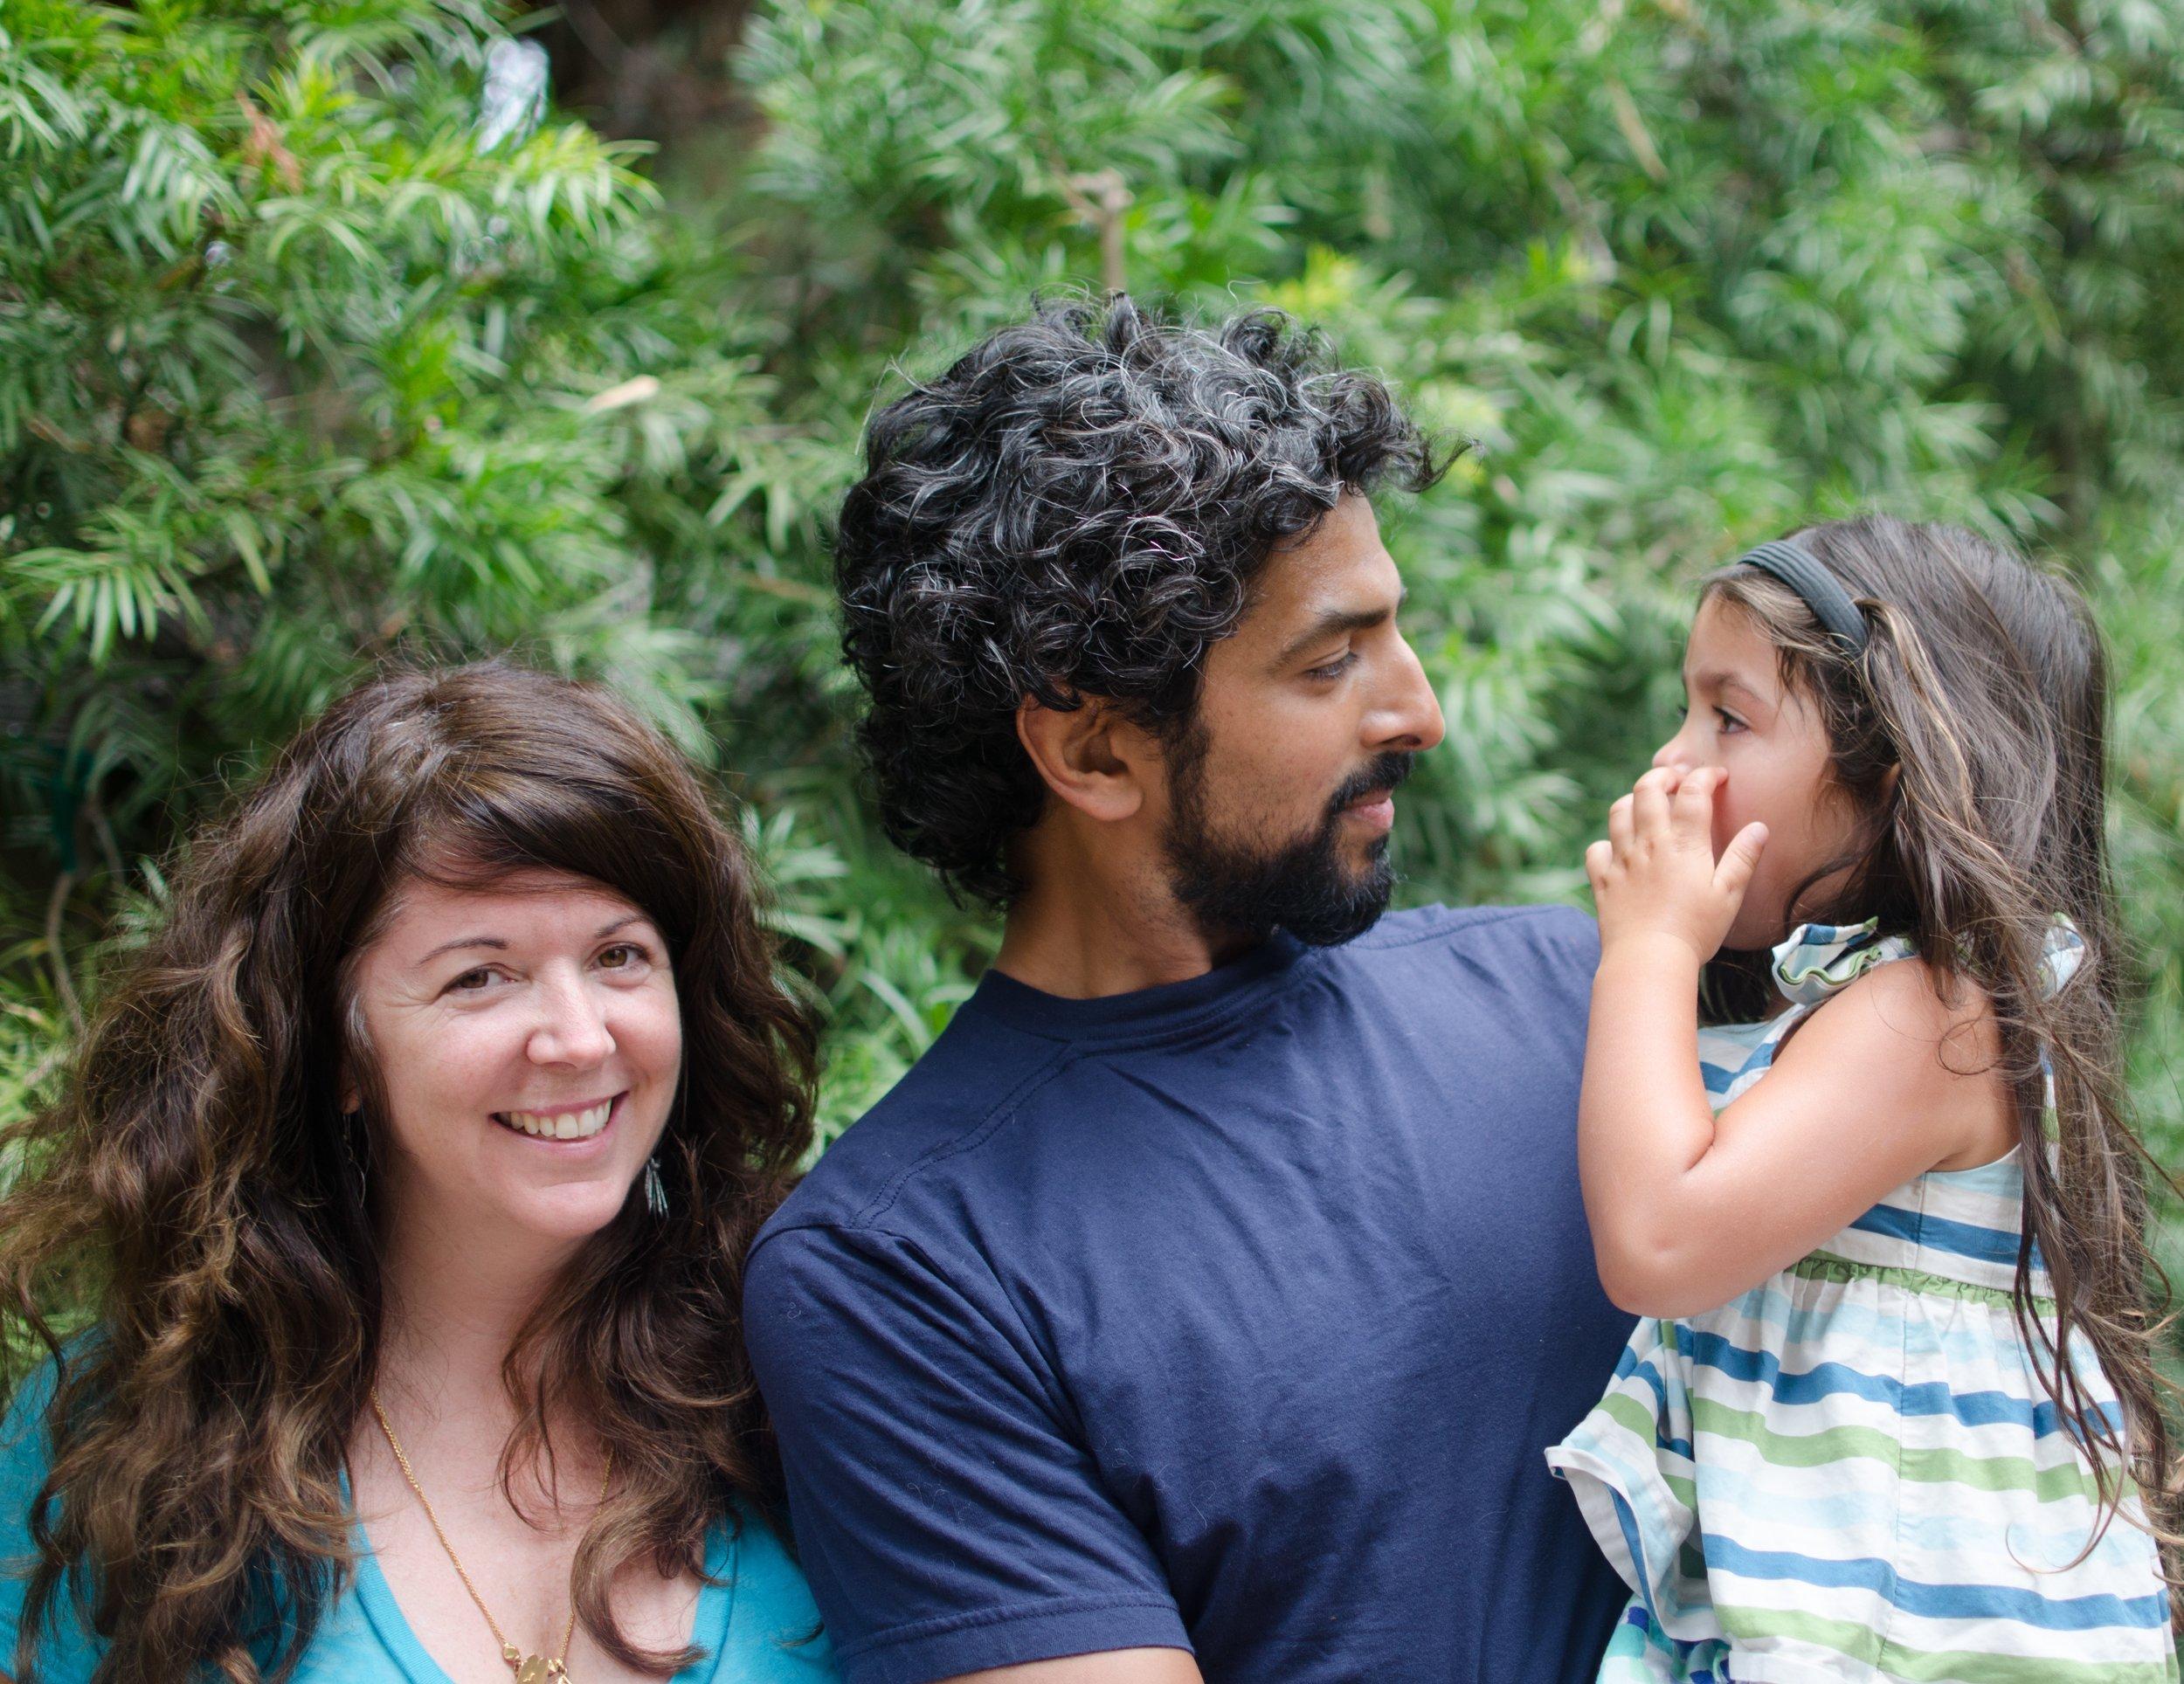 family_pic-1.jpg